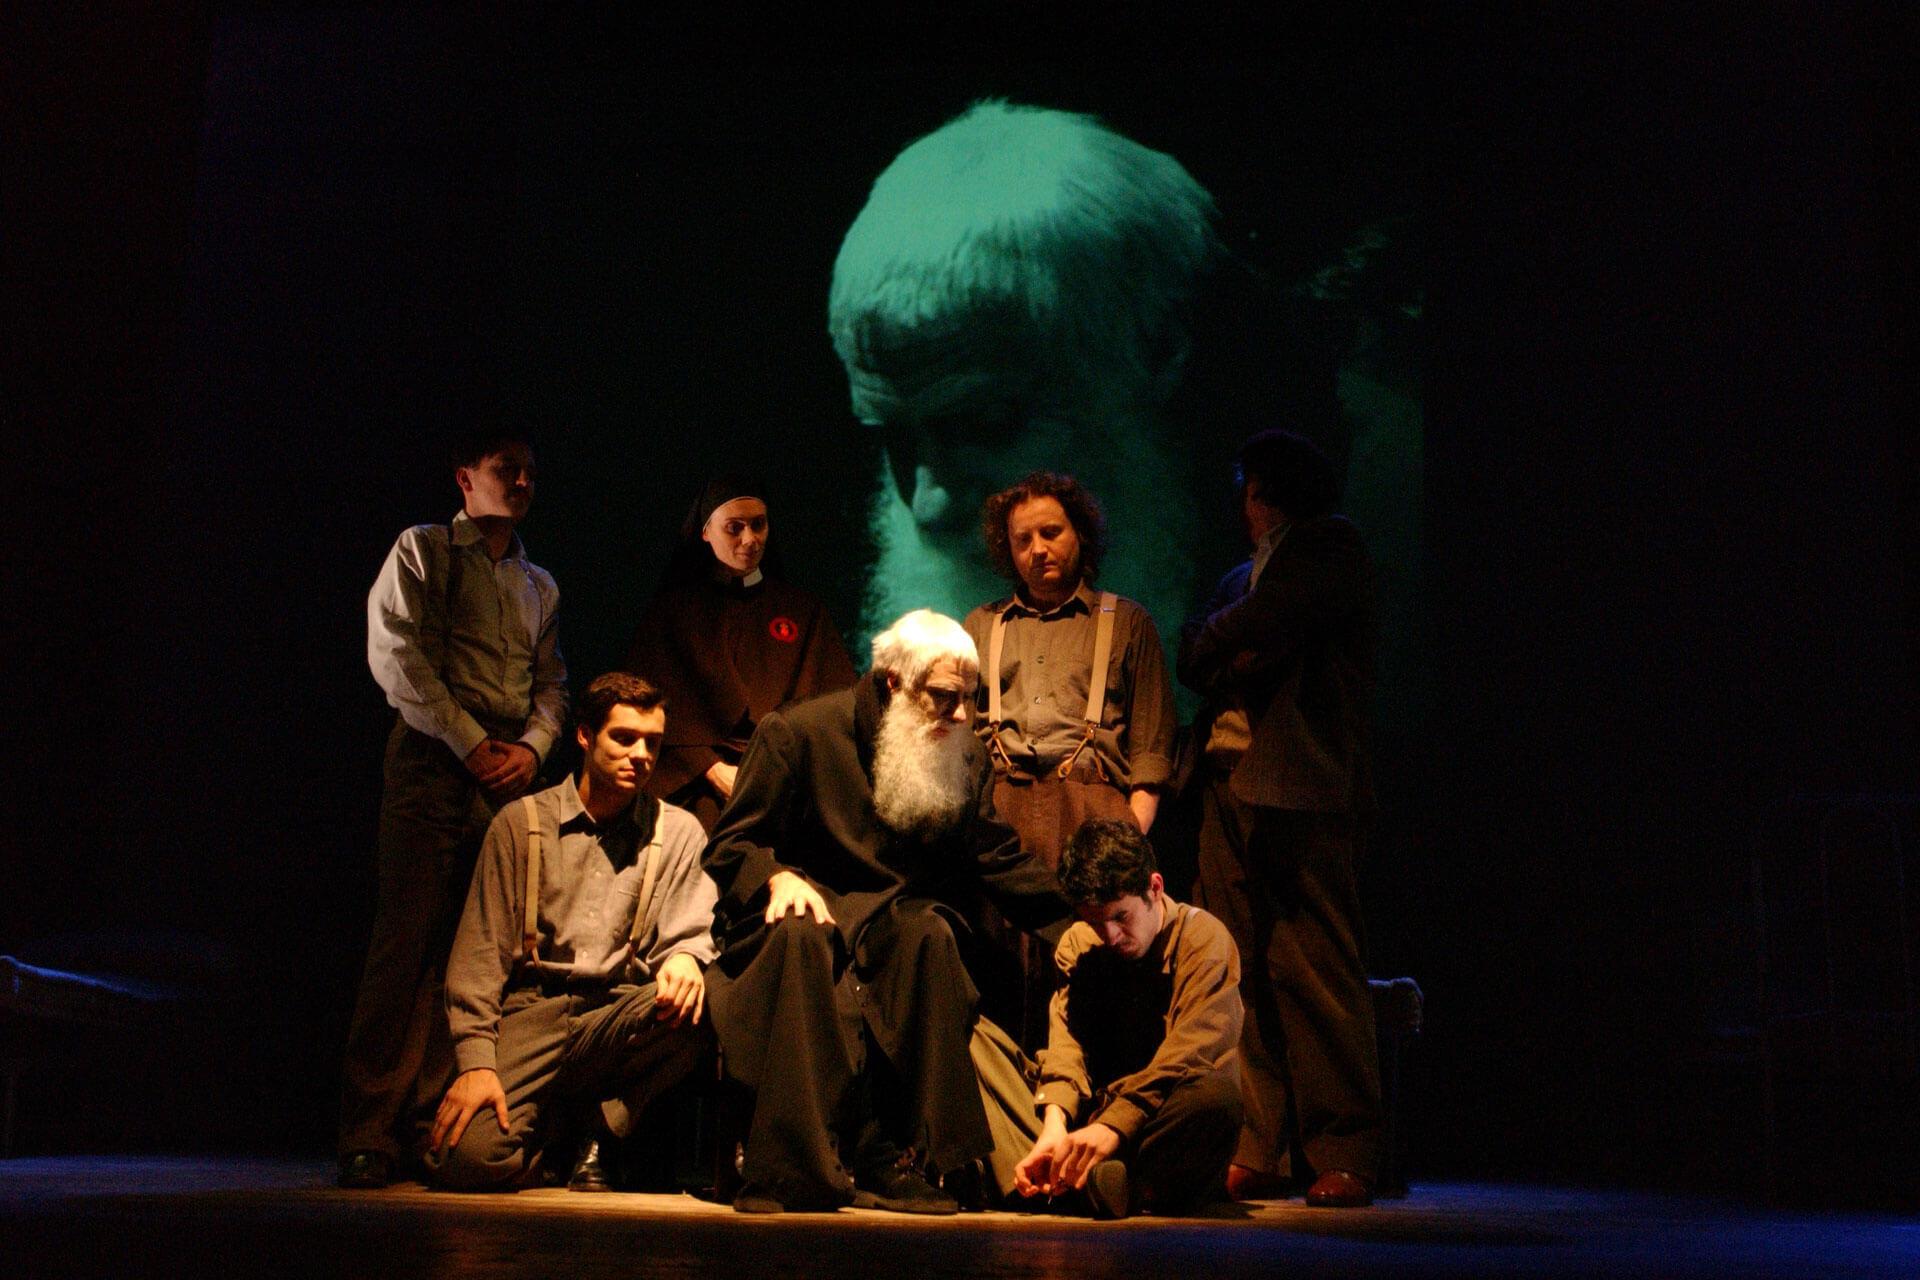 gruppo-teatro-colli-padre-marella-2002-7